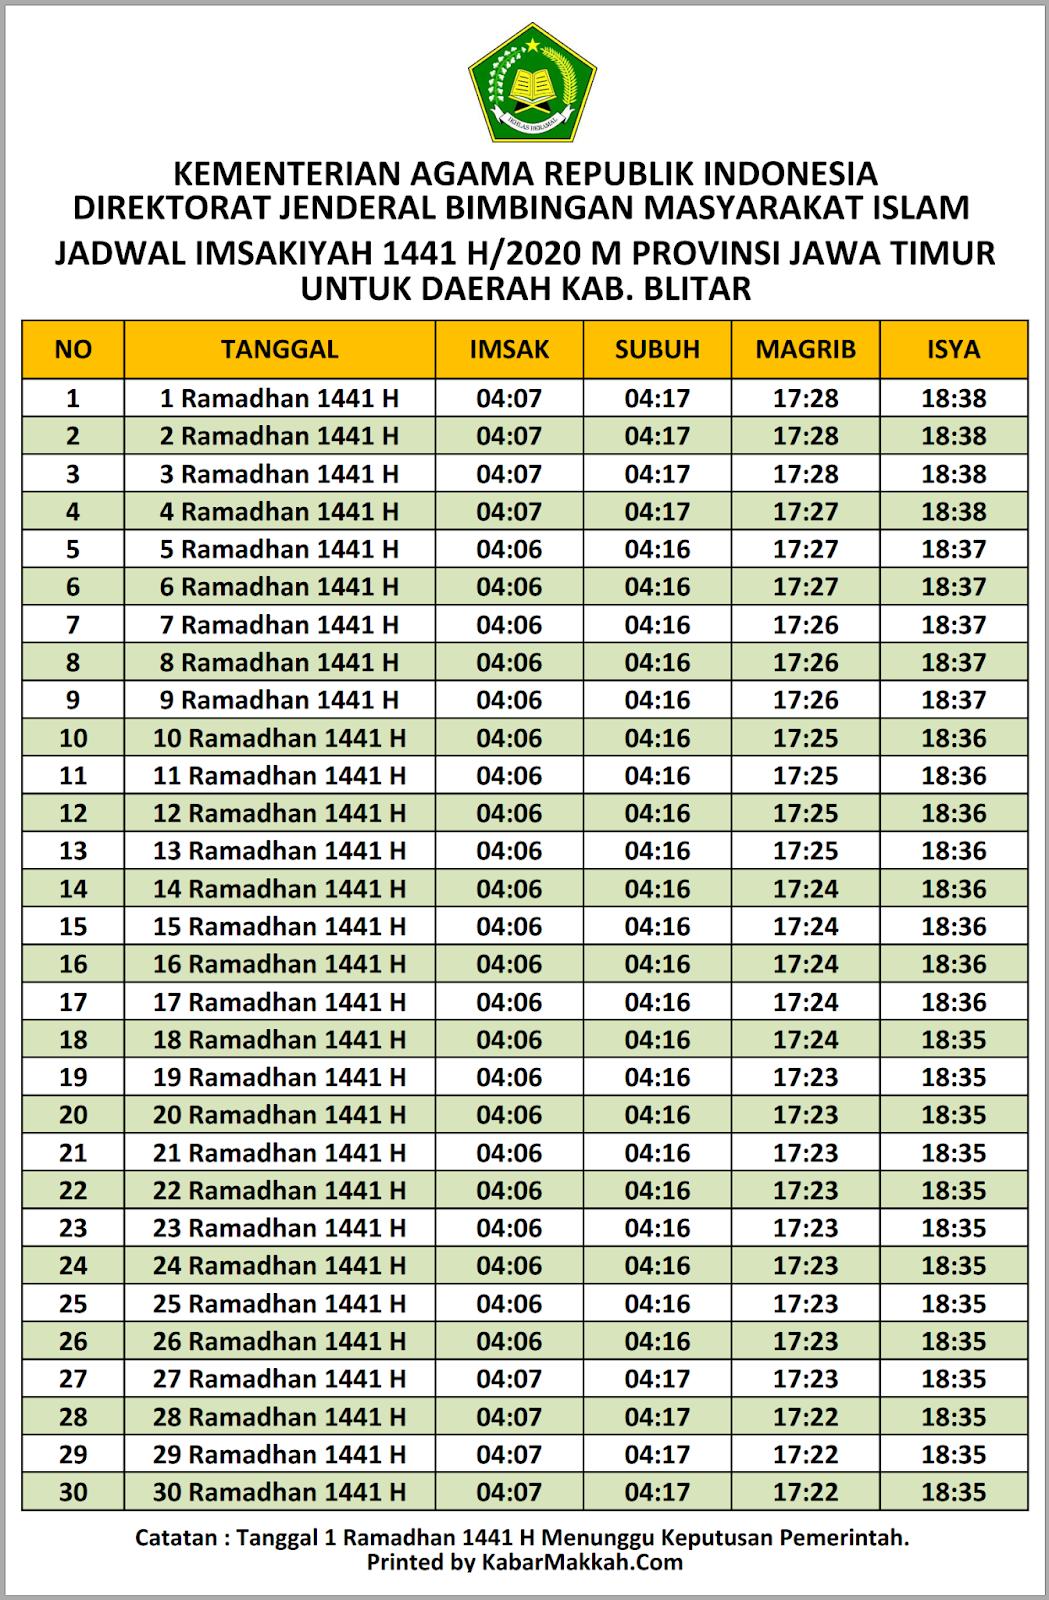 Jadwal Imsakiyah Blitar 2020